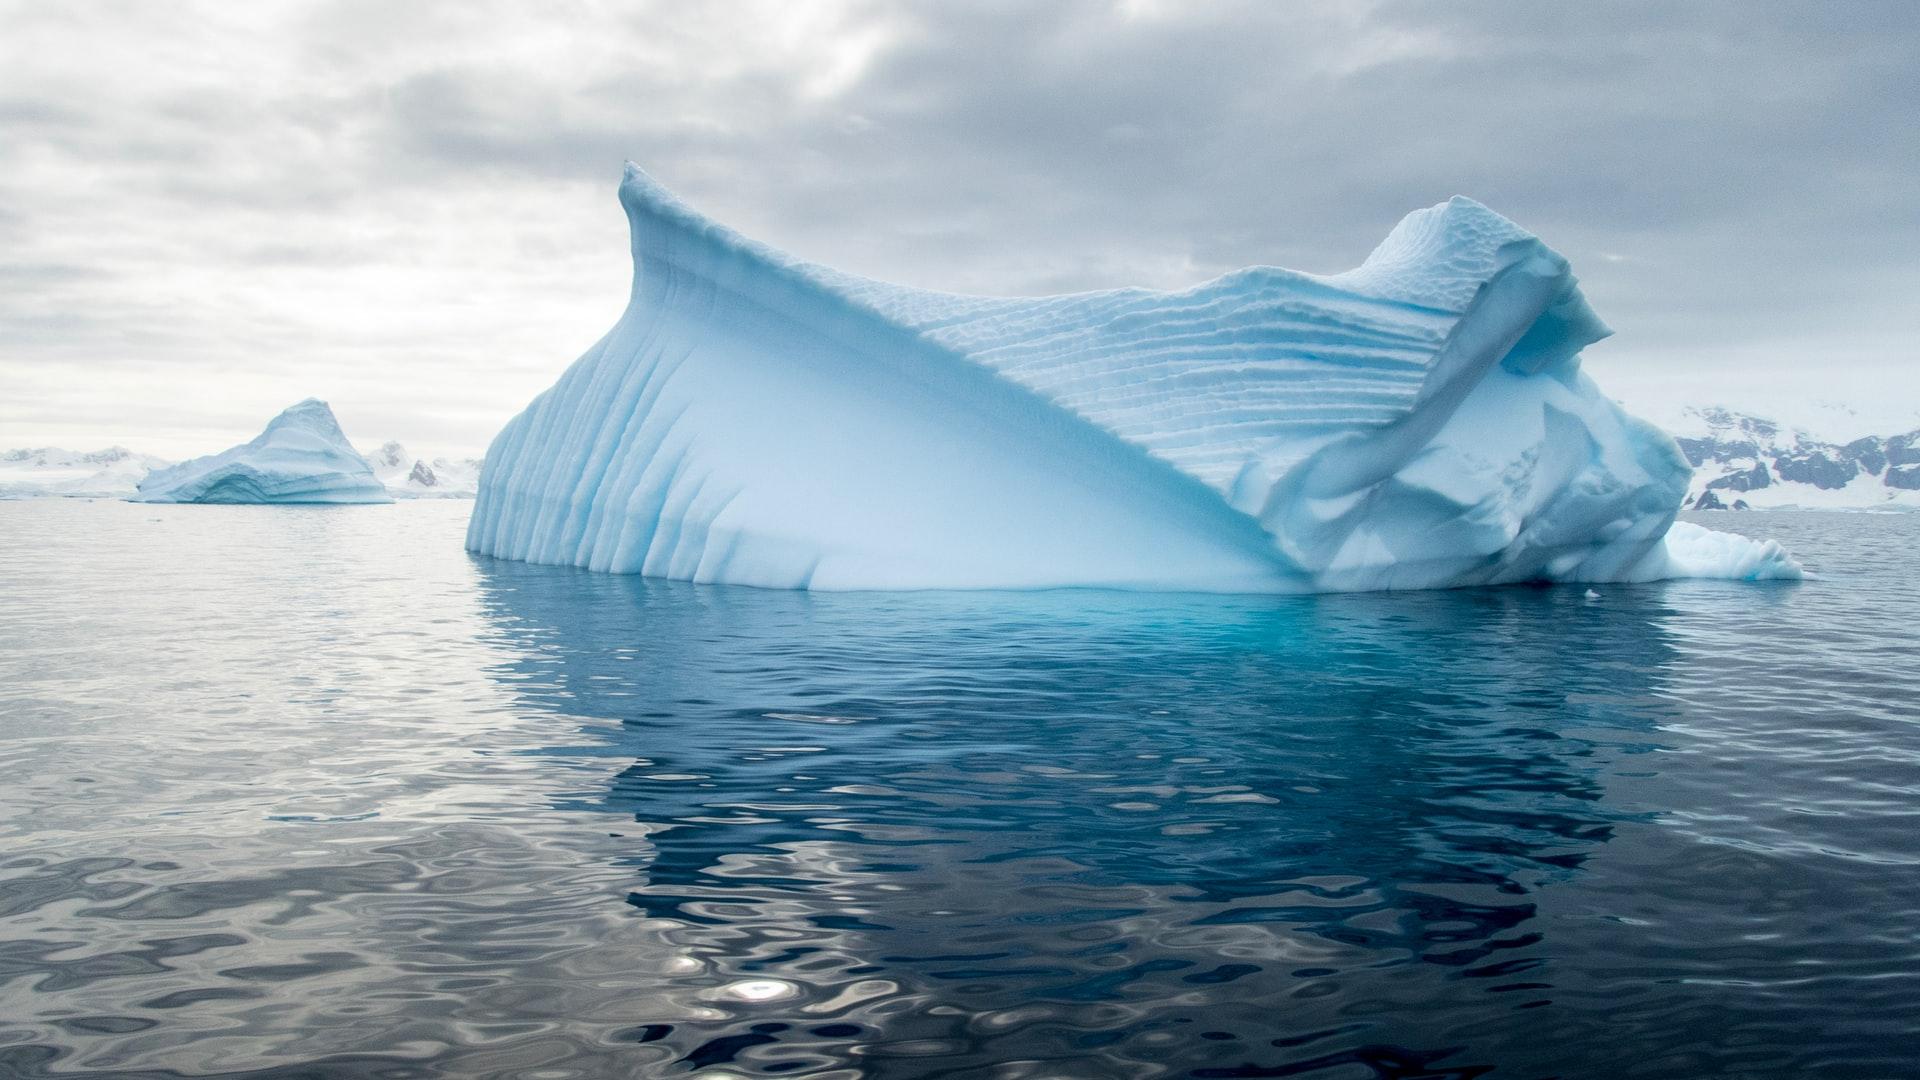 Los maoríes viajaron a la Antártida al menos 1000 años antes que los occidentales